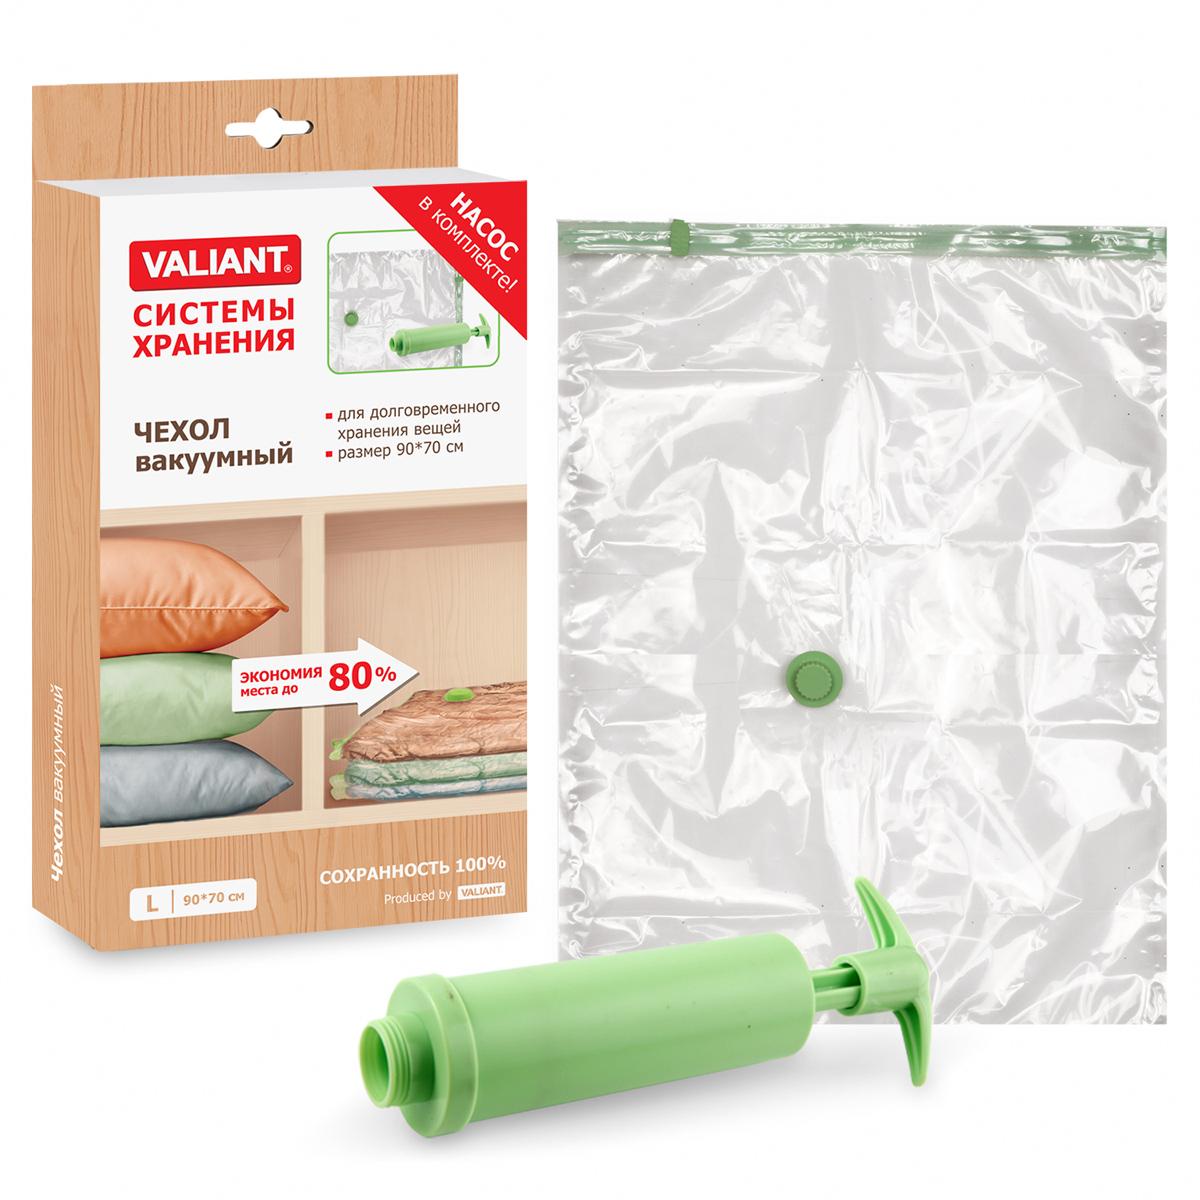 Чехол вакуумный Valiant, с насосом, 90 х 70 смMN97Вакуумный чехол Valiant предназначен для долговременного хранения вещей. Он отлично защитит вашу одежду от пыли и других загрязнений, а также поможет надолго сохранить ее безупречный вид. Чехол изготовлен из высококачественных полимерных материалов. В комплект входит пластиковый насос. Достоинства чехла Valiant: - вещи сжимаются в объеме на 80%, полностью сохраняя свое качество; - вещи можно хранить в течение целого сезона (осенью и зимой - летний гардероб, летом - зимние свитера, шарфы, теплые одеяла); - надежная защита вещей от любых повреждений - влаги, пыли, пятен, плесени, моли и других насекомых, а также от обесцвечивания, запахов и бактерий; - откачать воздух можно как ручным насосом, так и любым стандартным пылесосом (отверстие клапана 27 мм).